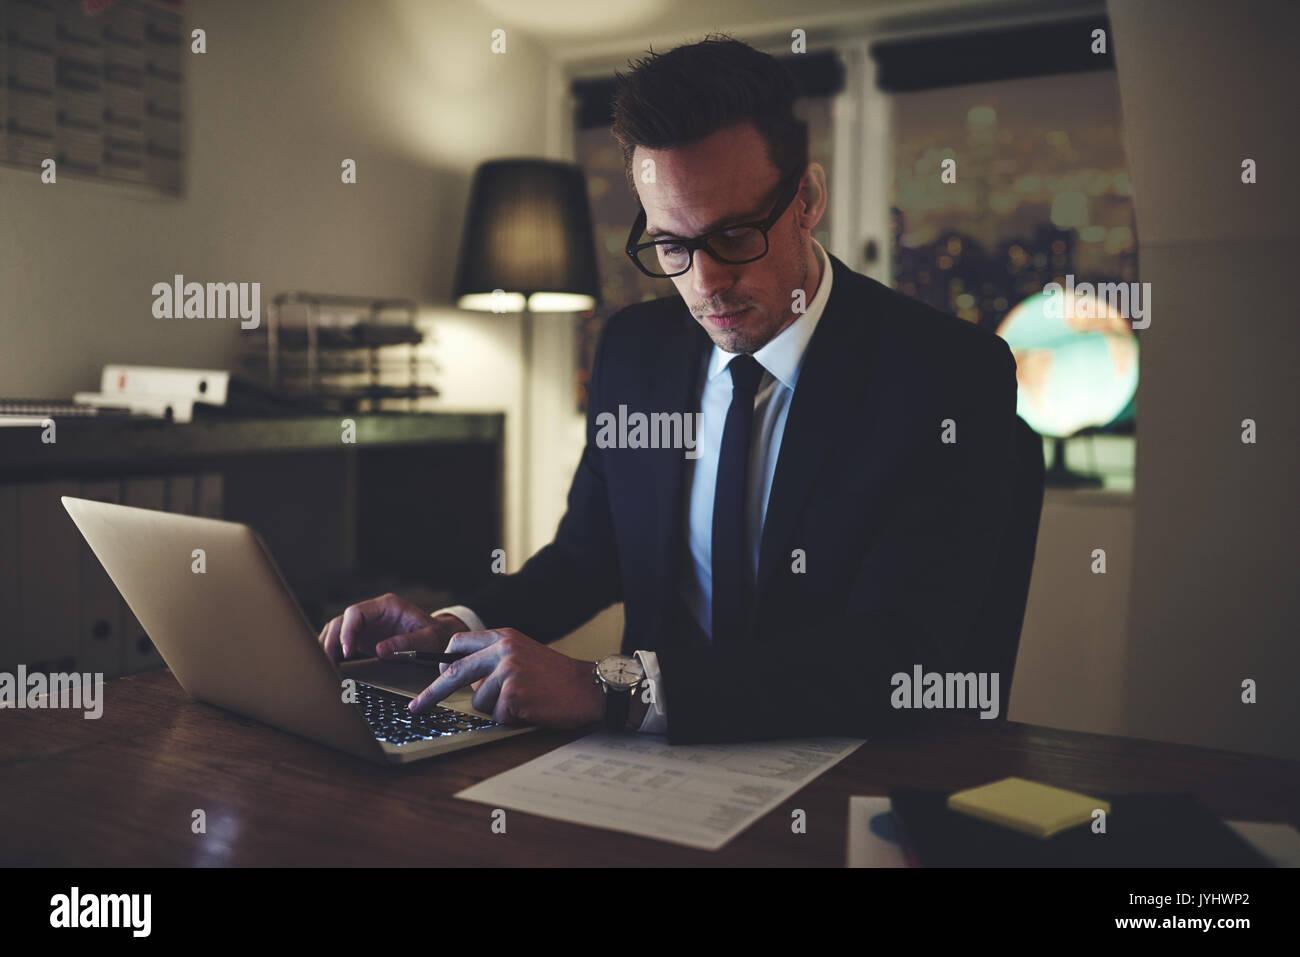 Geschäftsmann Arbeiten konzentrierten sich auf Dokumente in der Nacht, Überstunden im Büro Stockfoto